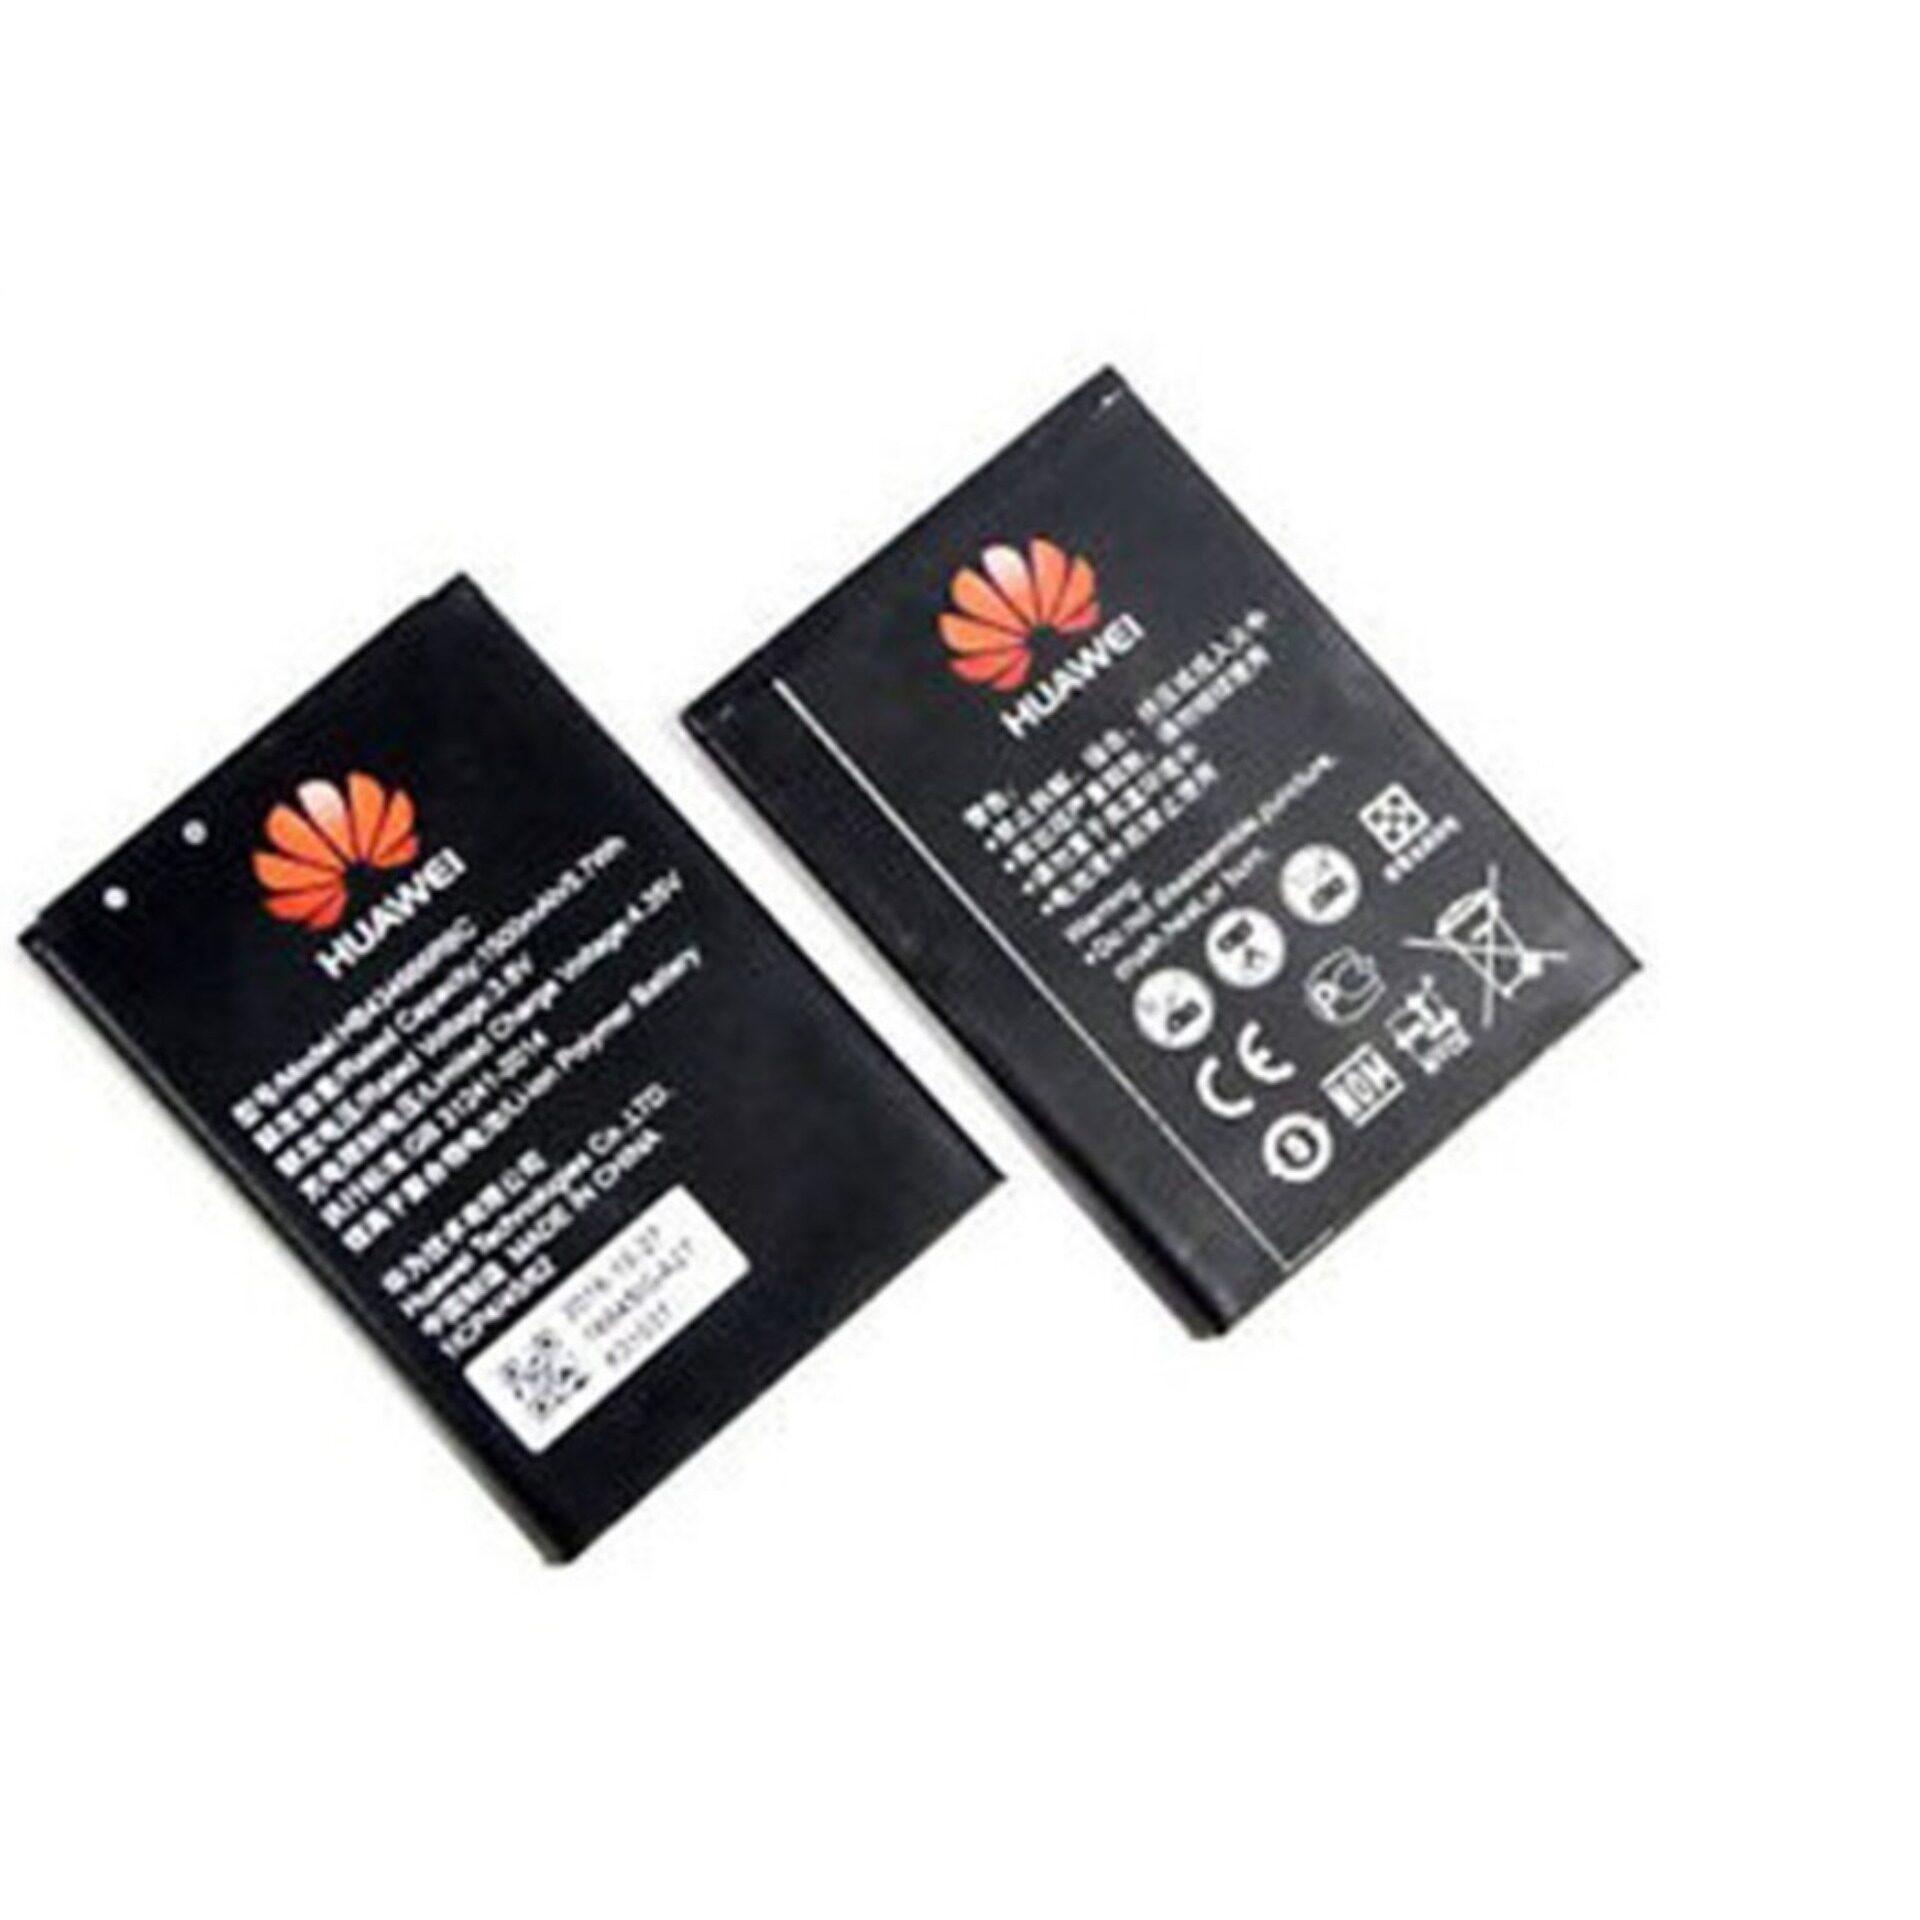 แบตเตอร์รี่ Huawei Mifi  Battery For E5573 Huawei Wifi Battery E5573-320 แบตเตอรี่หัวเว่ย แบตเตอรี่คุณภาพสูงมาตราฐาน แบตเตอรี่แอนดอย แบตเตอร์รี่สำรองของแท้ แบตเตอร์รี่สำรอง แบตเตอรี่สํารองขนาดเล็ก แบตเตอรี่สํารองขึ้นเครื่อง แบตเตอรี่สํารองไฟ.